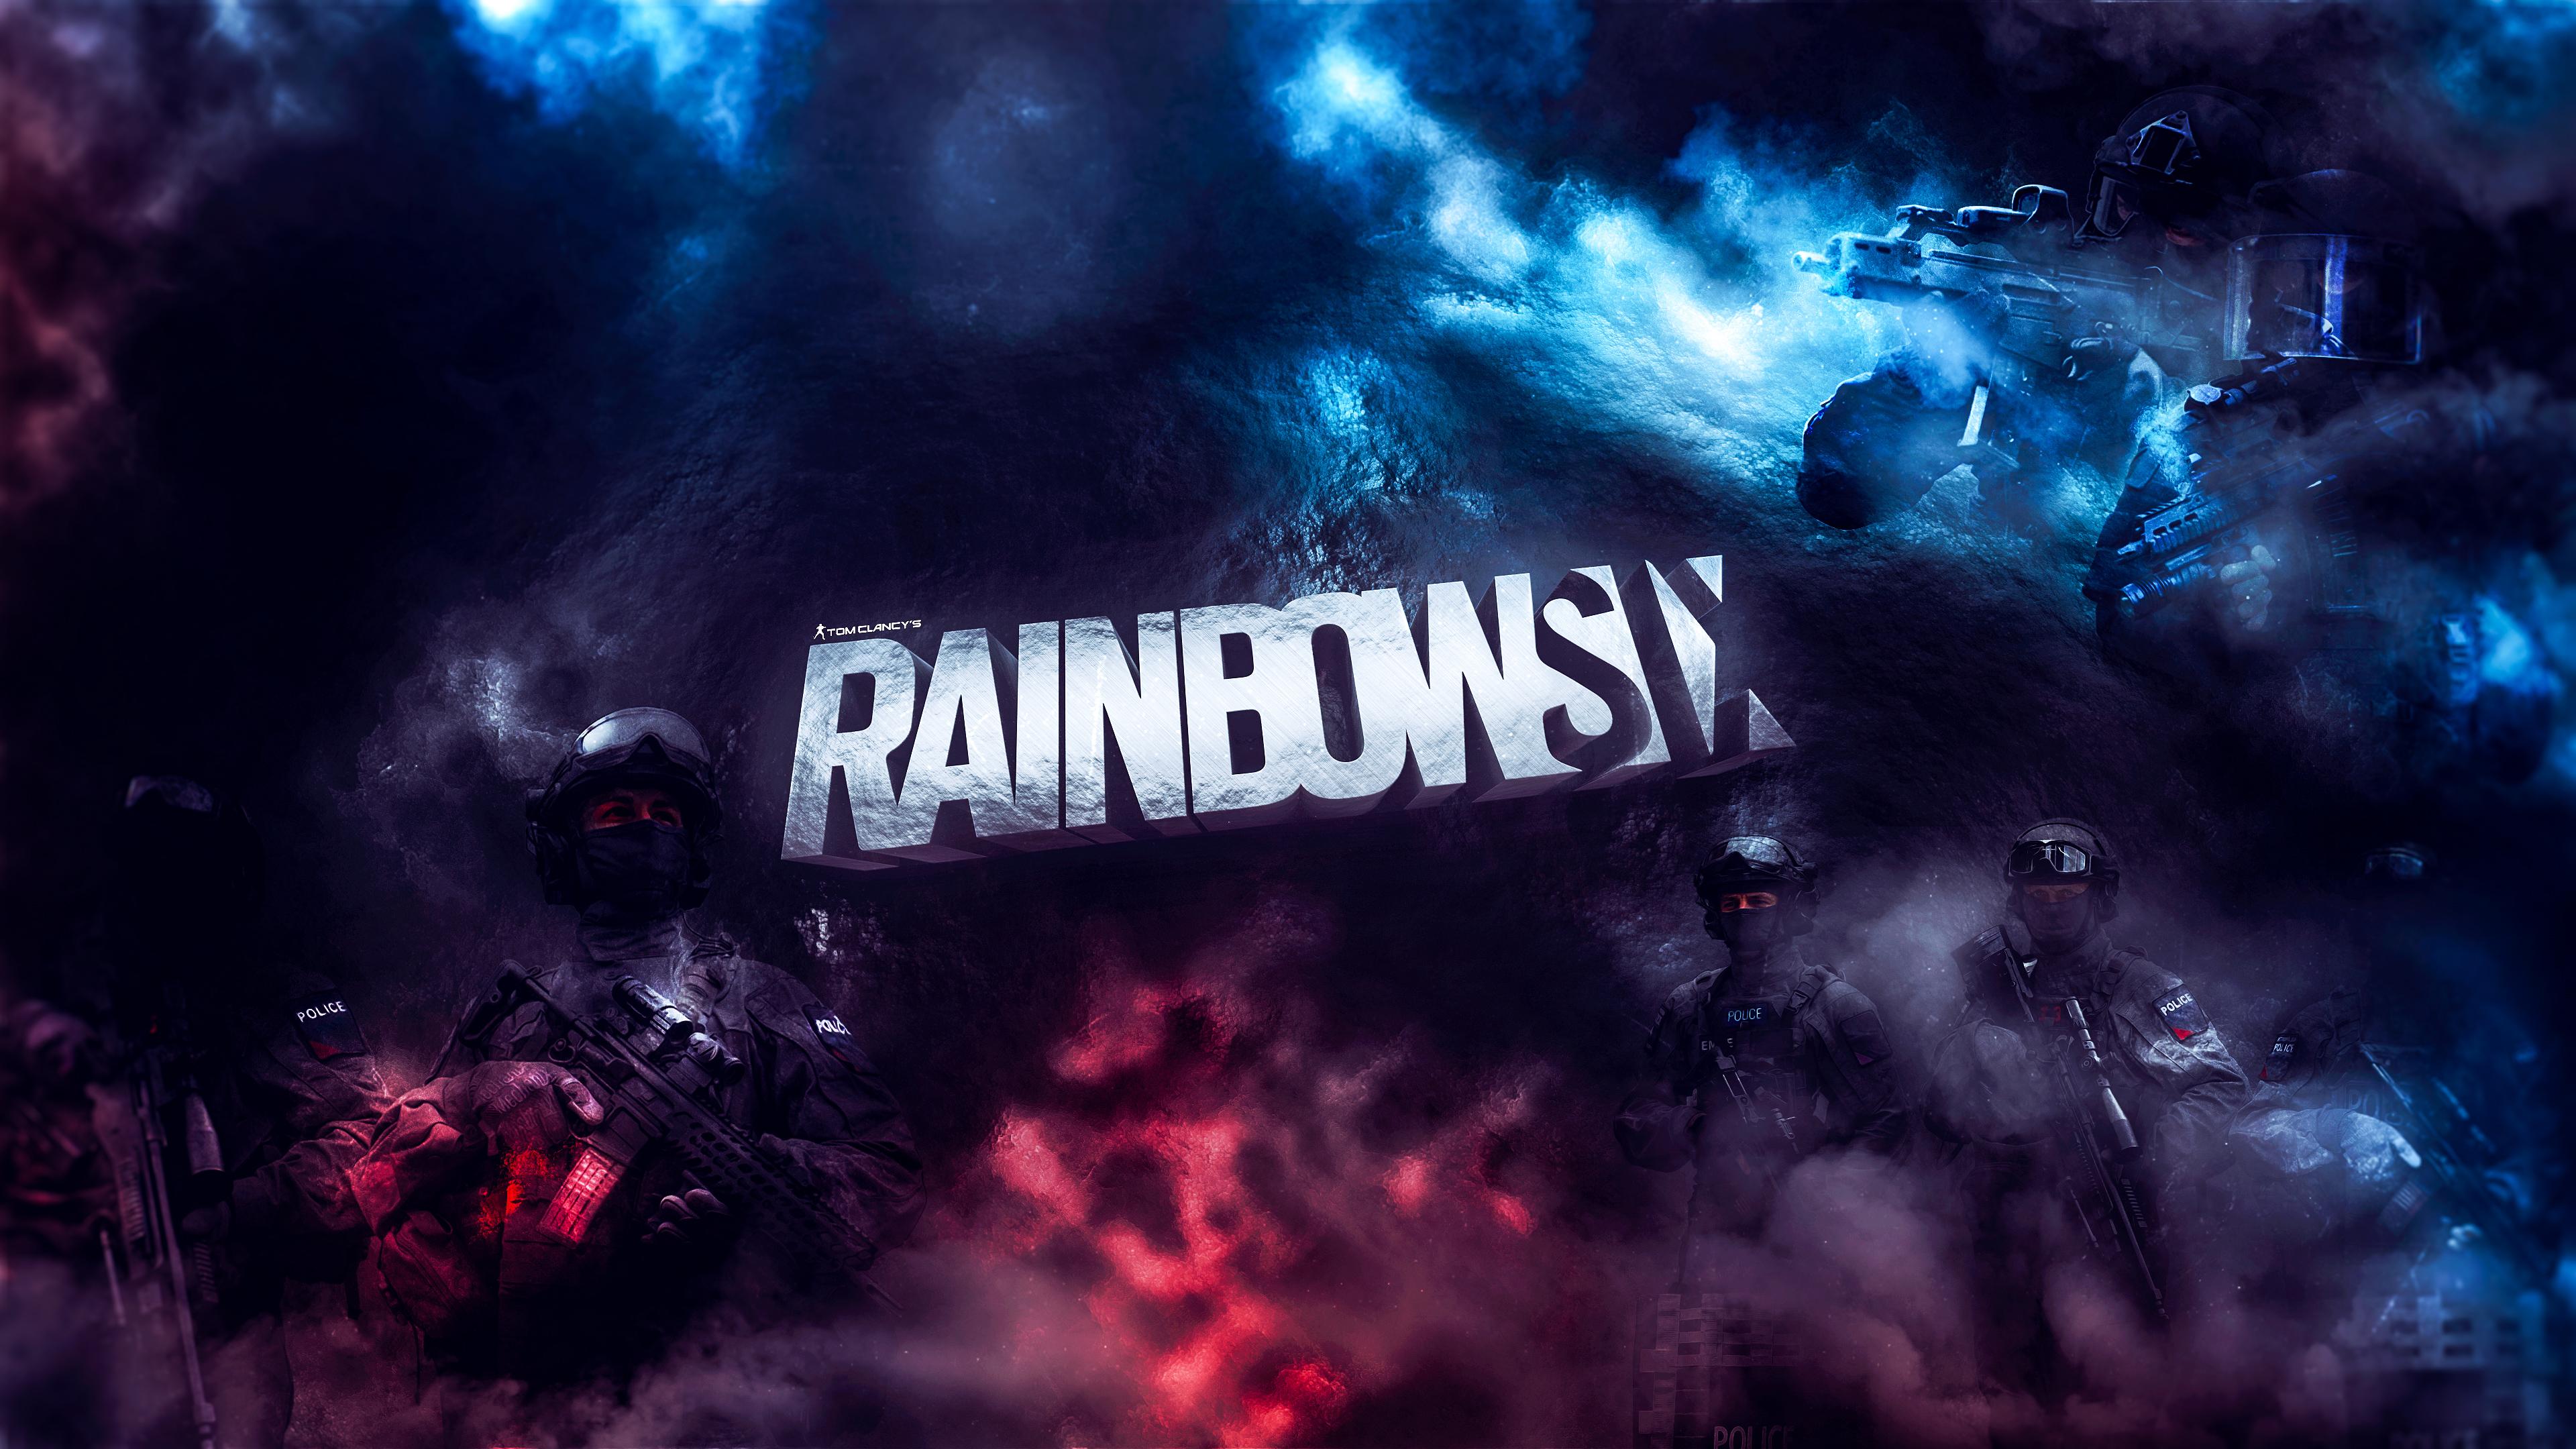 Rainbow Six Siege Wallpaper 4k